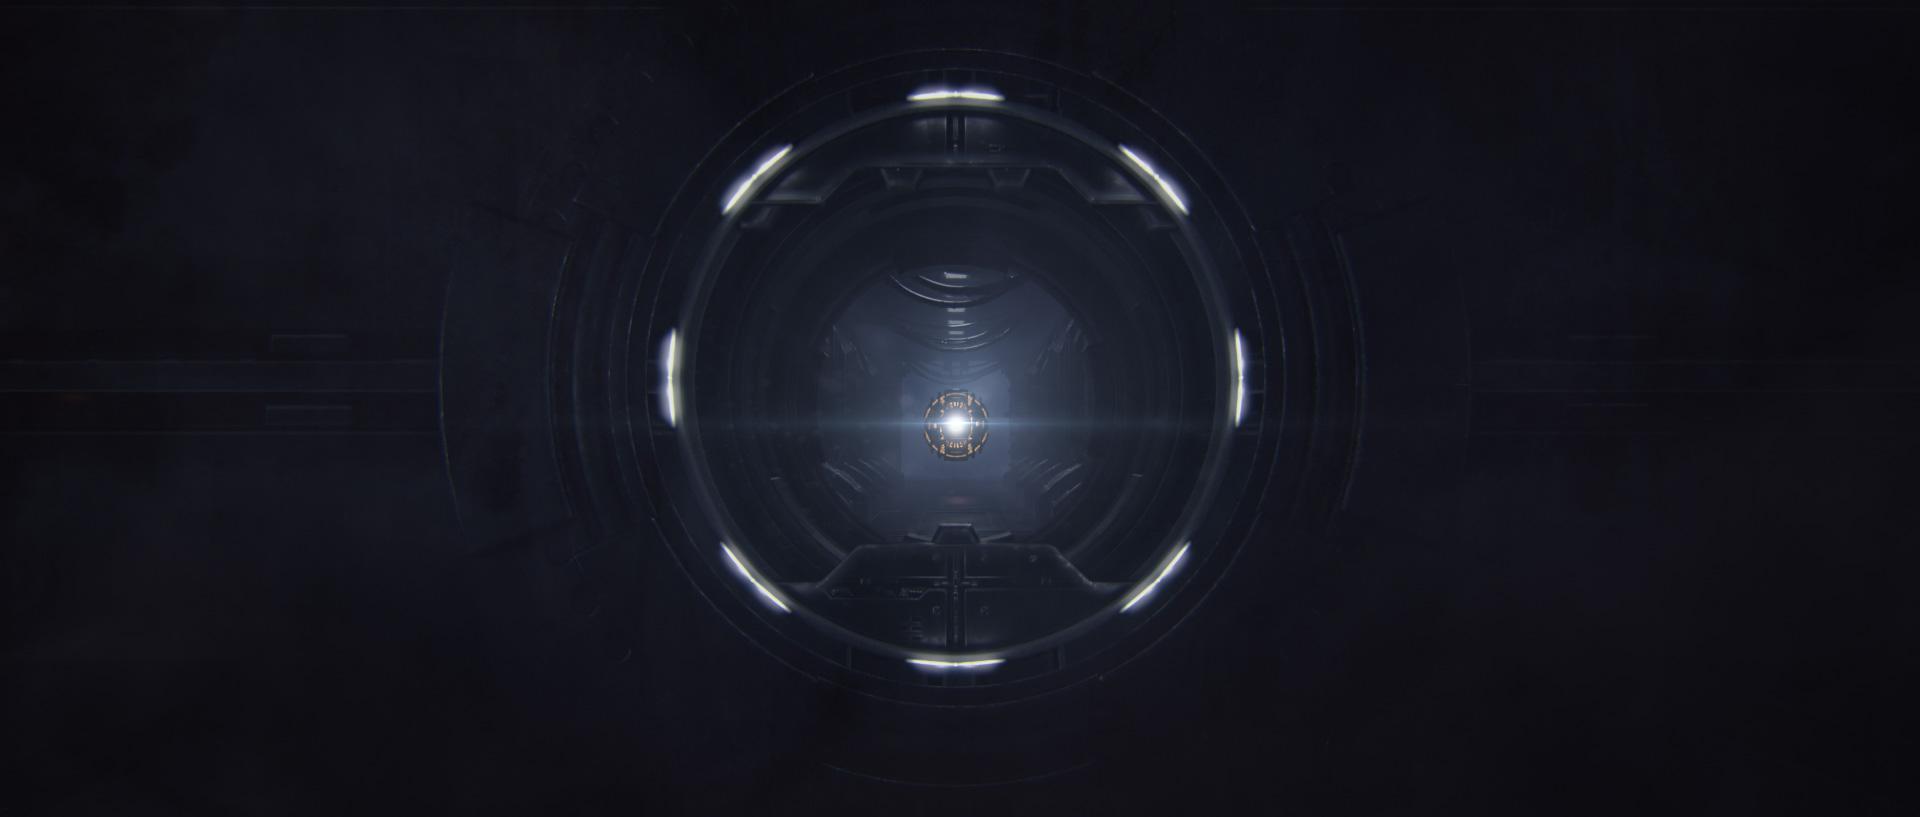 Cam_Sphere_Open_Door_1_[0001-0002].exr (0-00-02-24).jpg